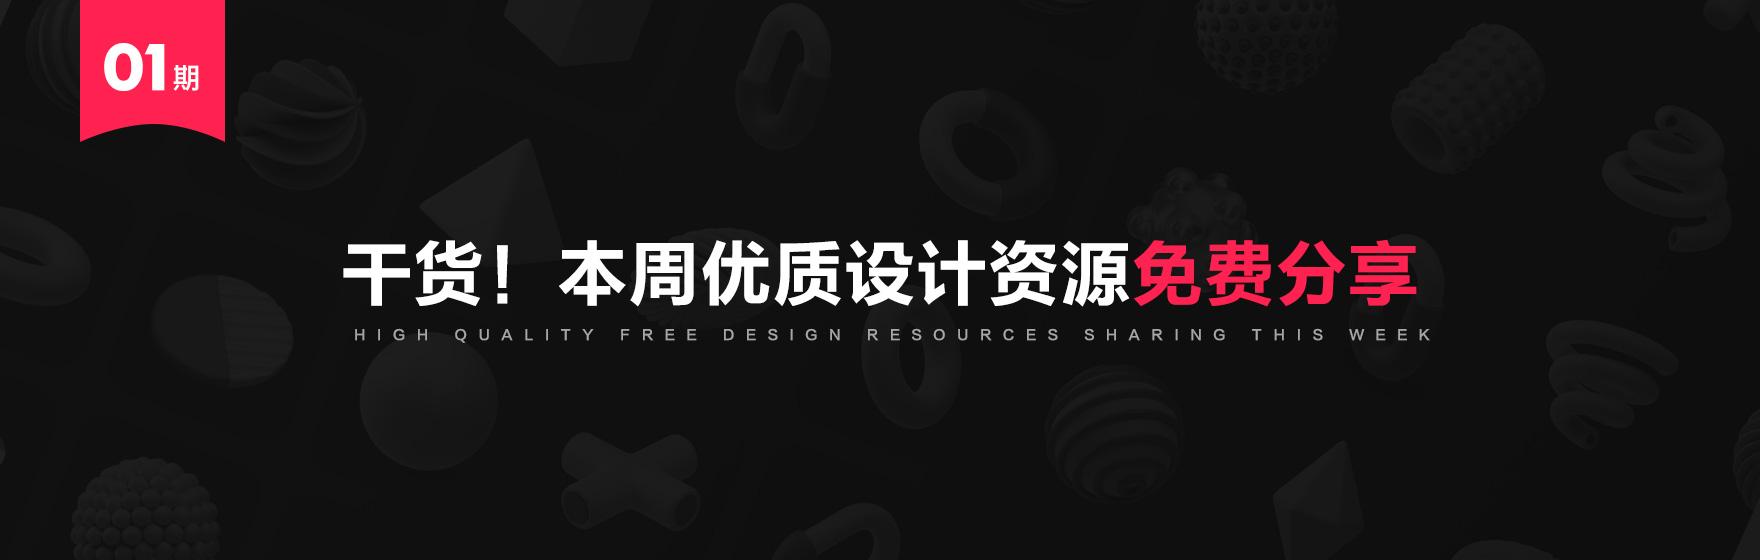 干货!本周优质设计资源免费分享【01期】